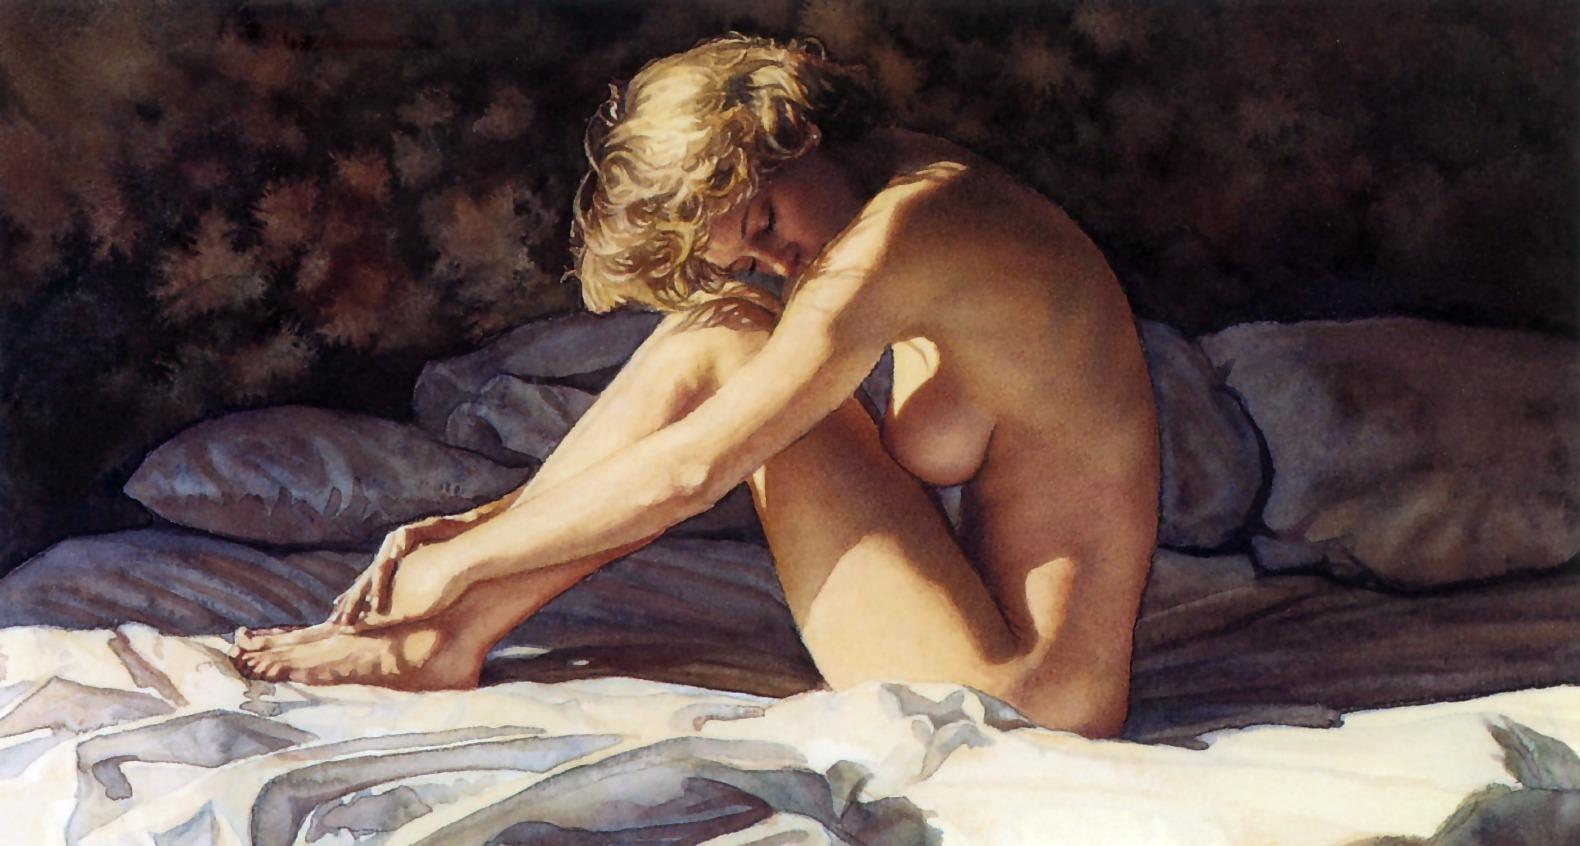 hot naked mamasita models